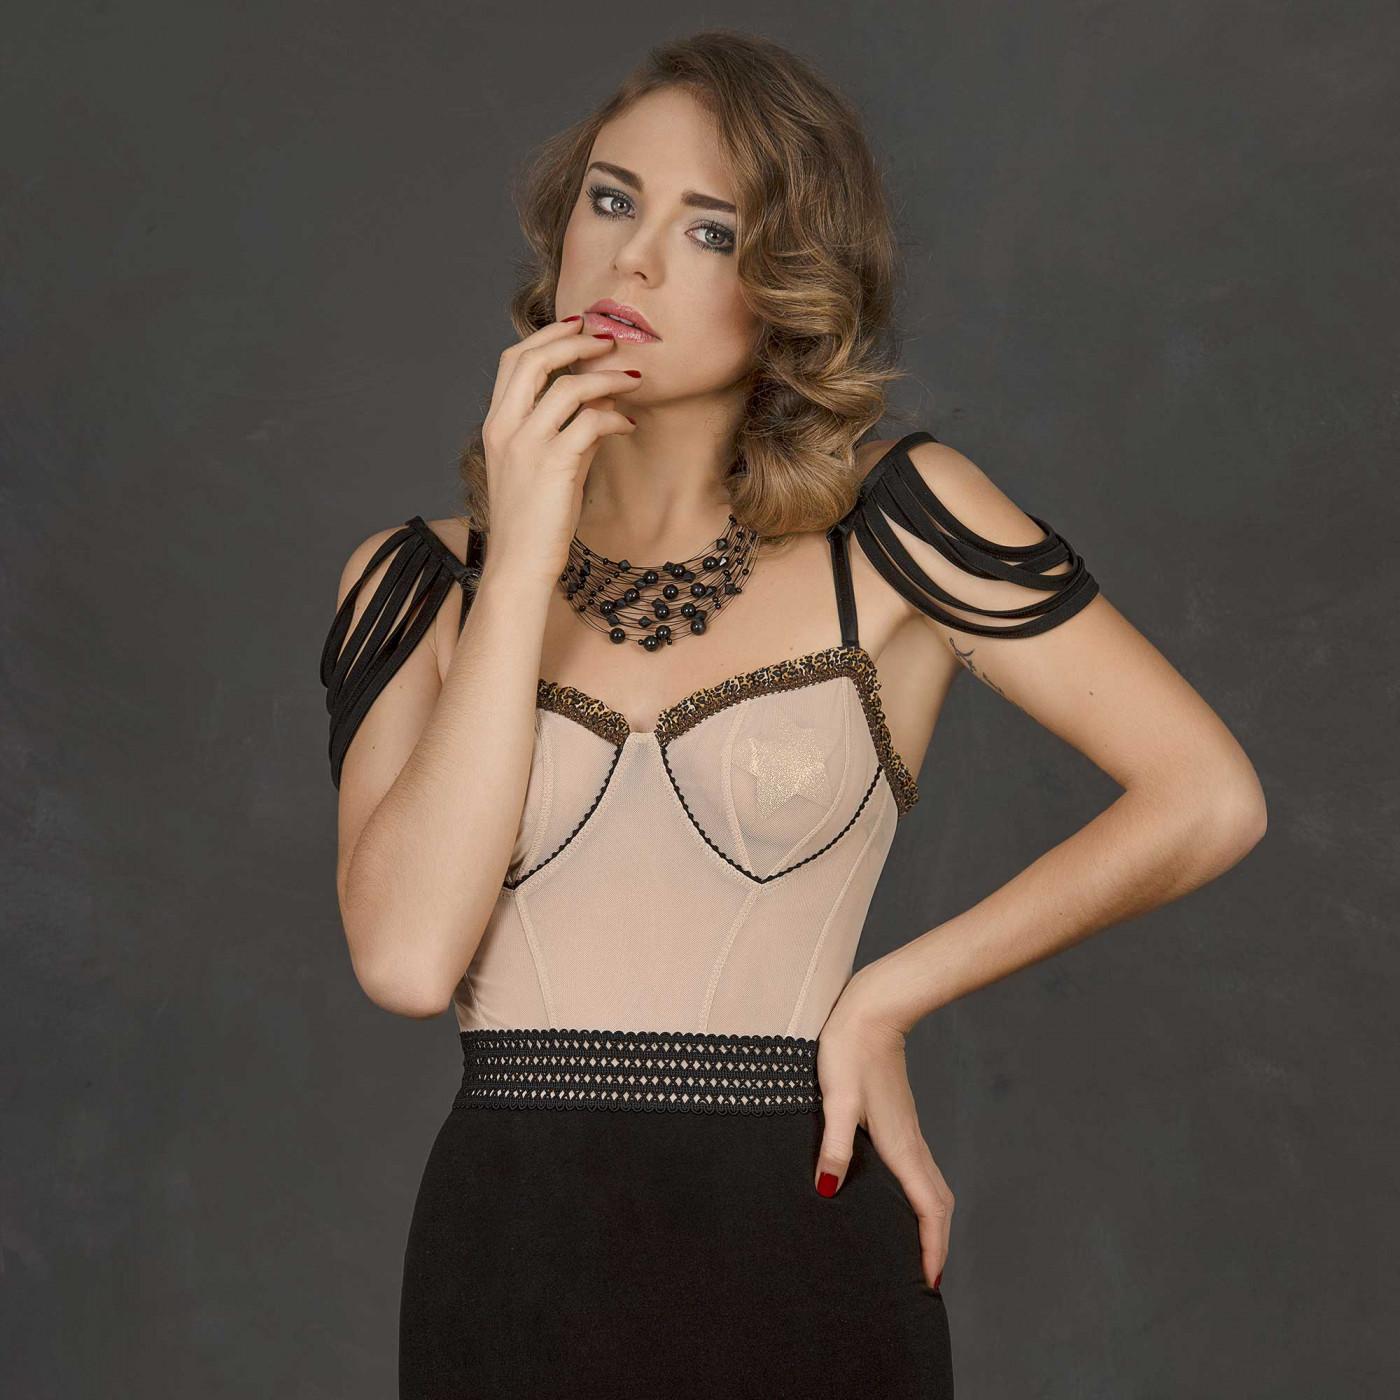 Cathy, mini robe bicolor - Patrice Catanzaro